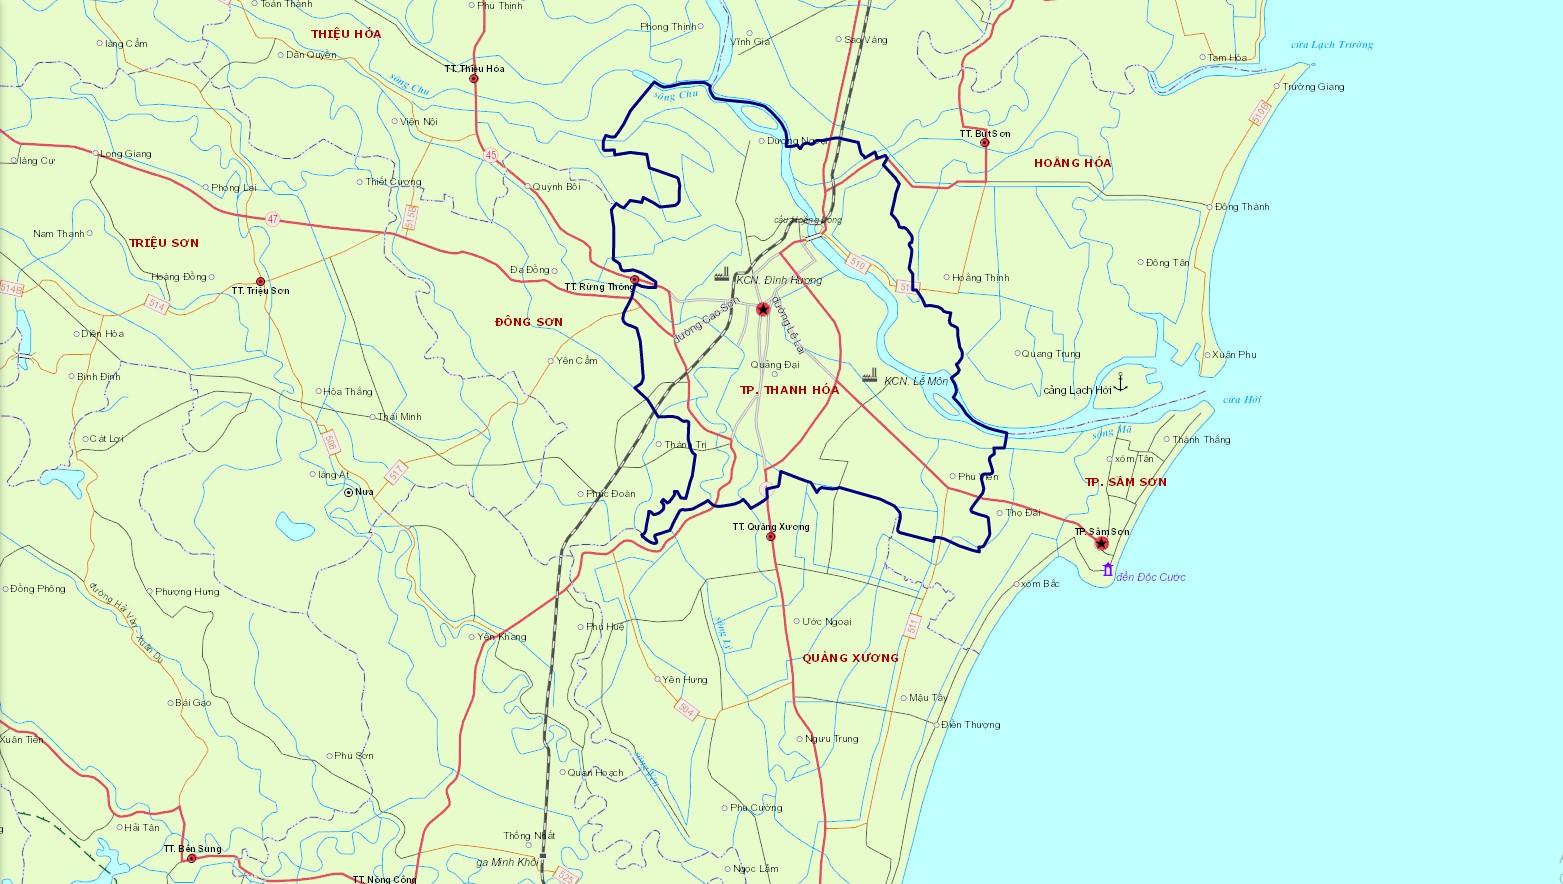 Bản đồ hành chính thành phố Thanh Hóa